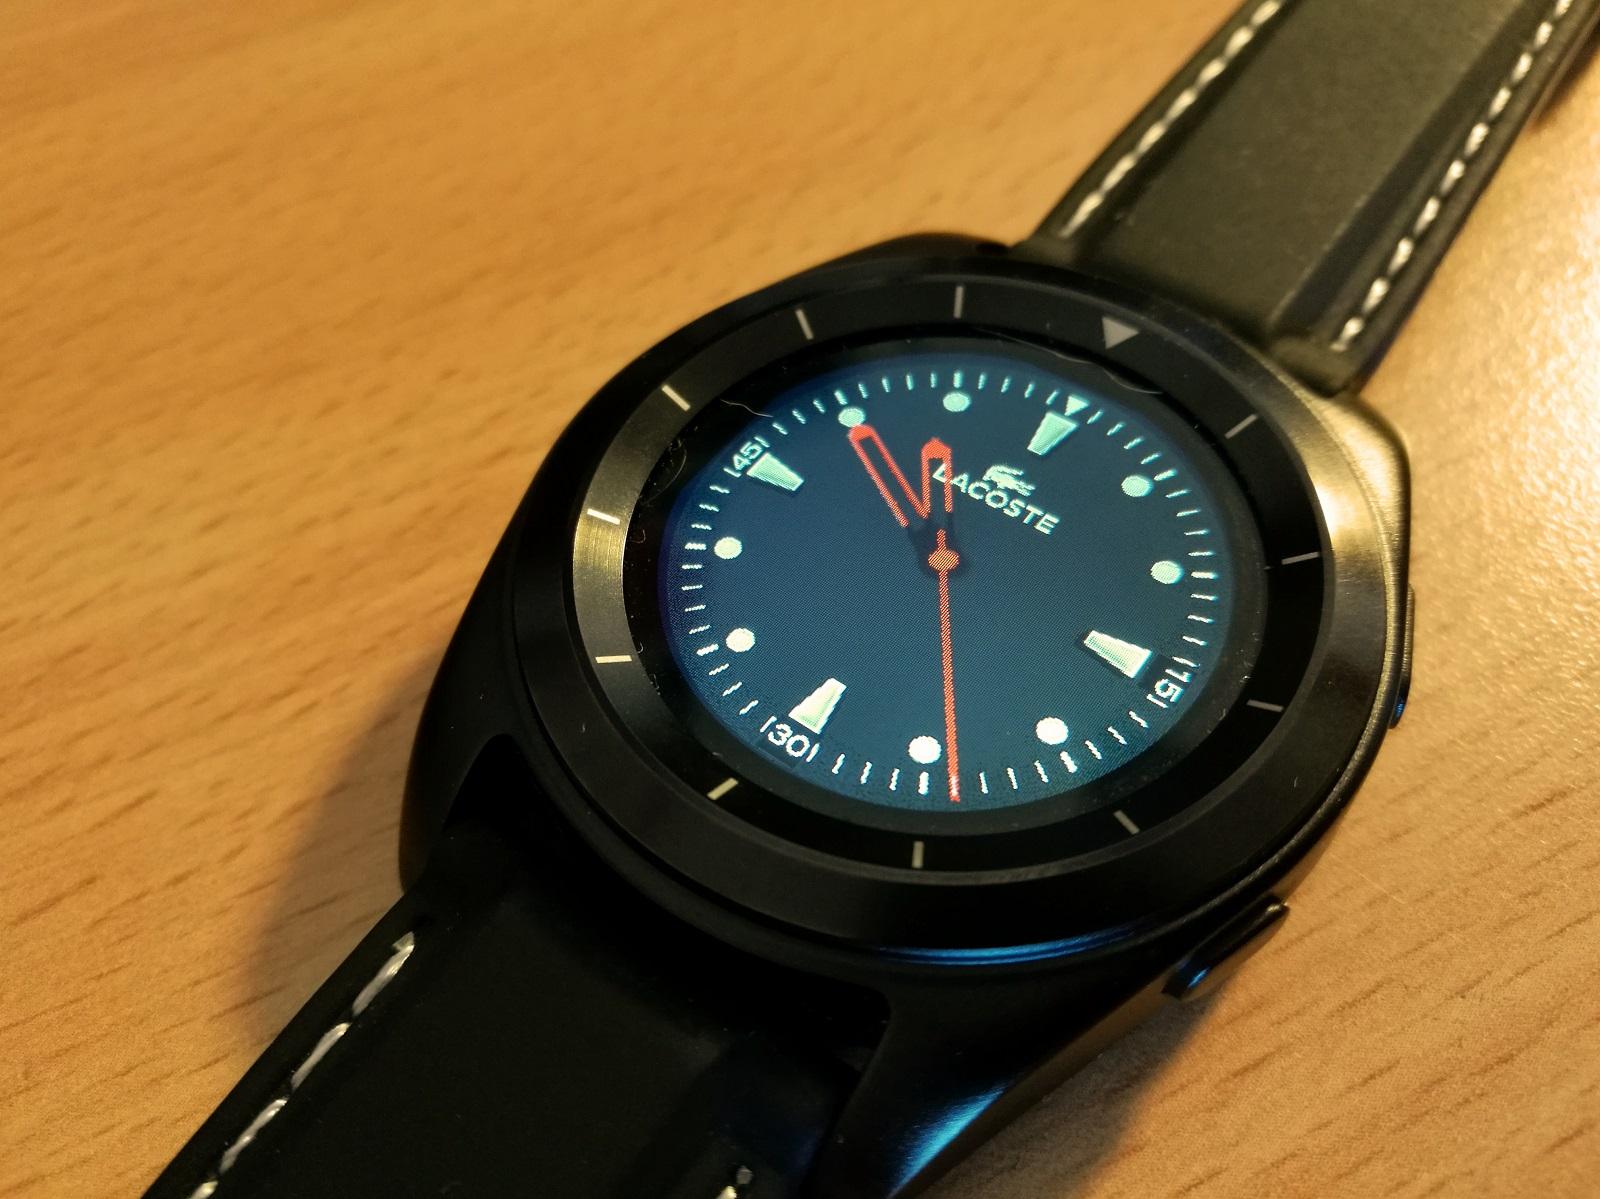 4e9f9888d16 Os smartwatches chineses têm-se mostrado uma excelente escolha para aqueles  que procuram um relógio com funções simples a um preço baixo.